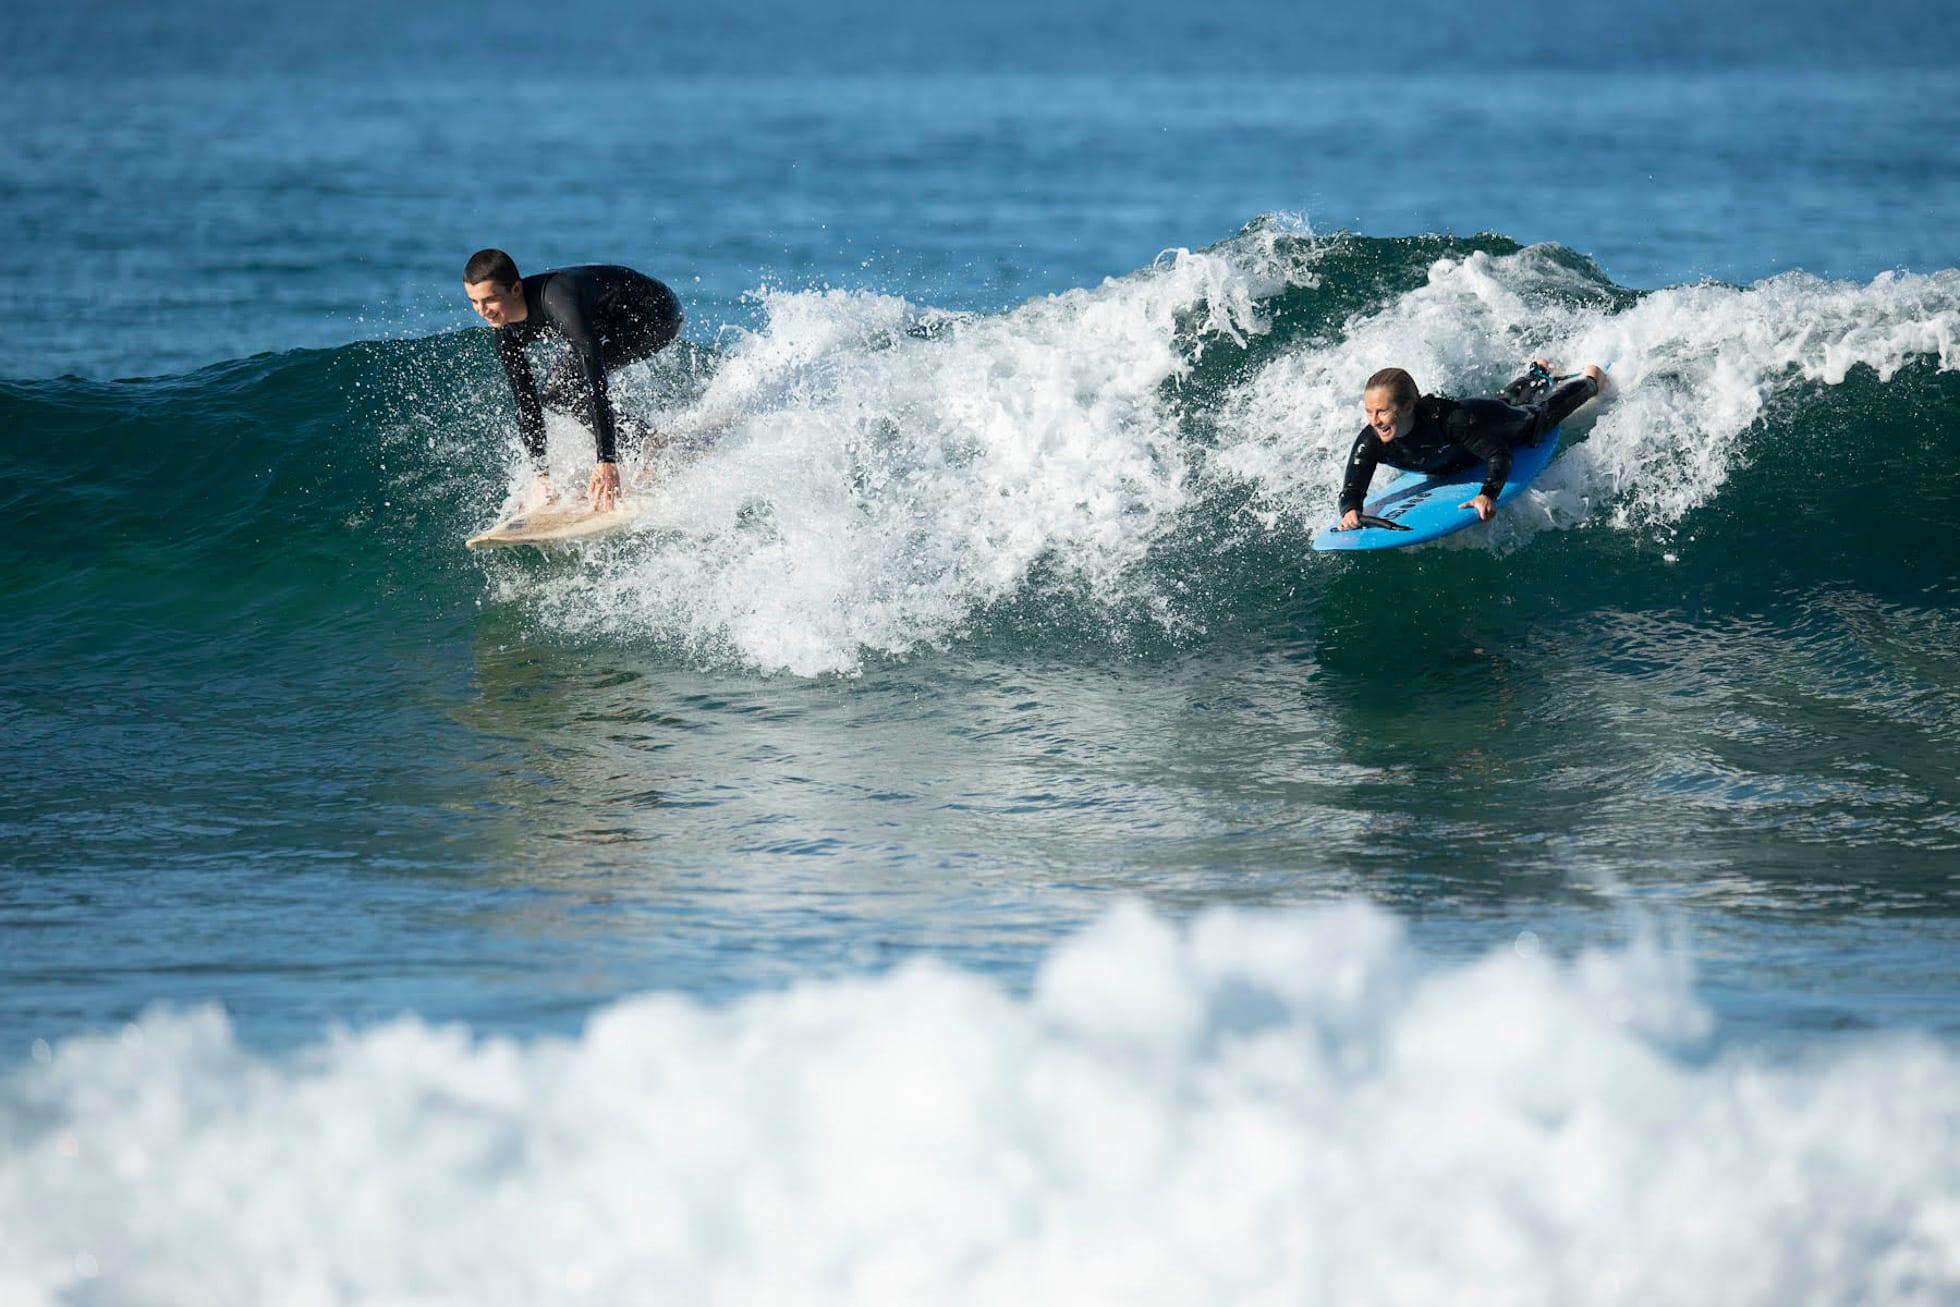 Sam surfs with her son, Noah, at Bilgola.